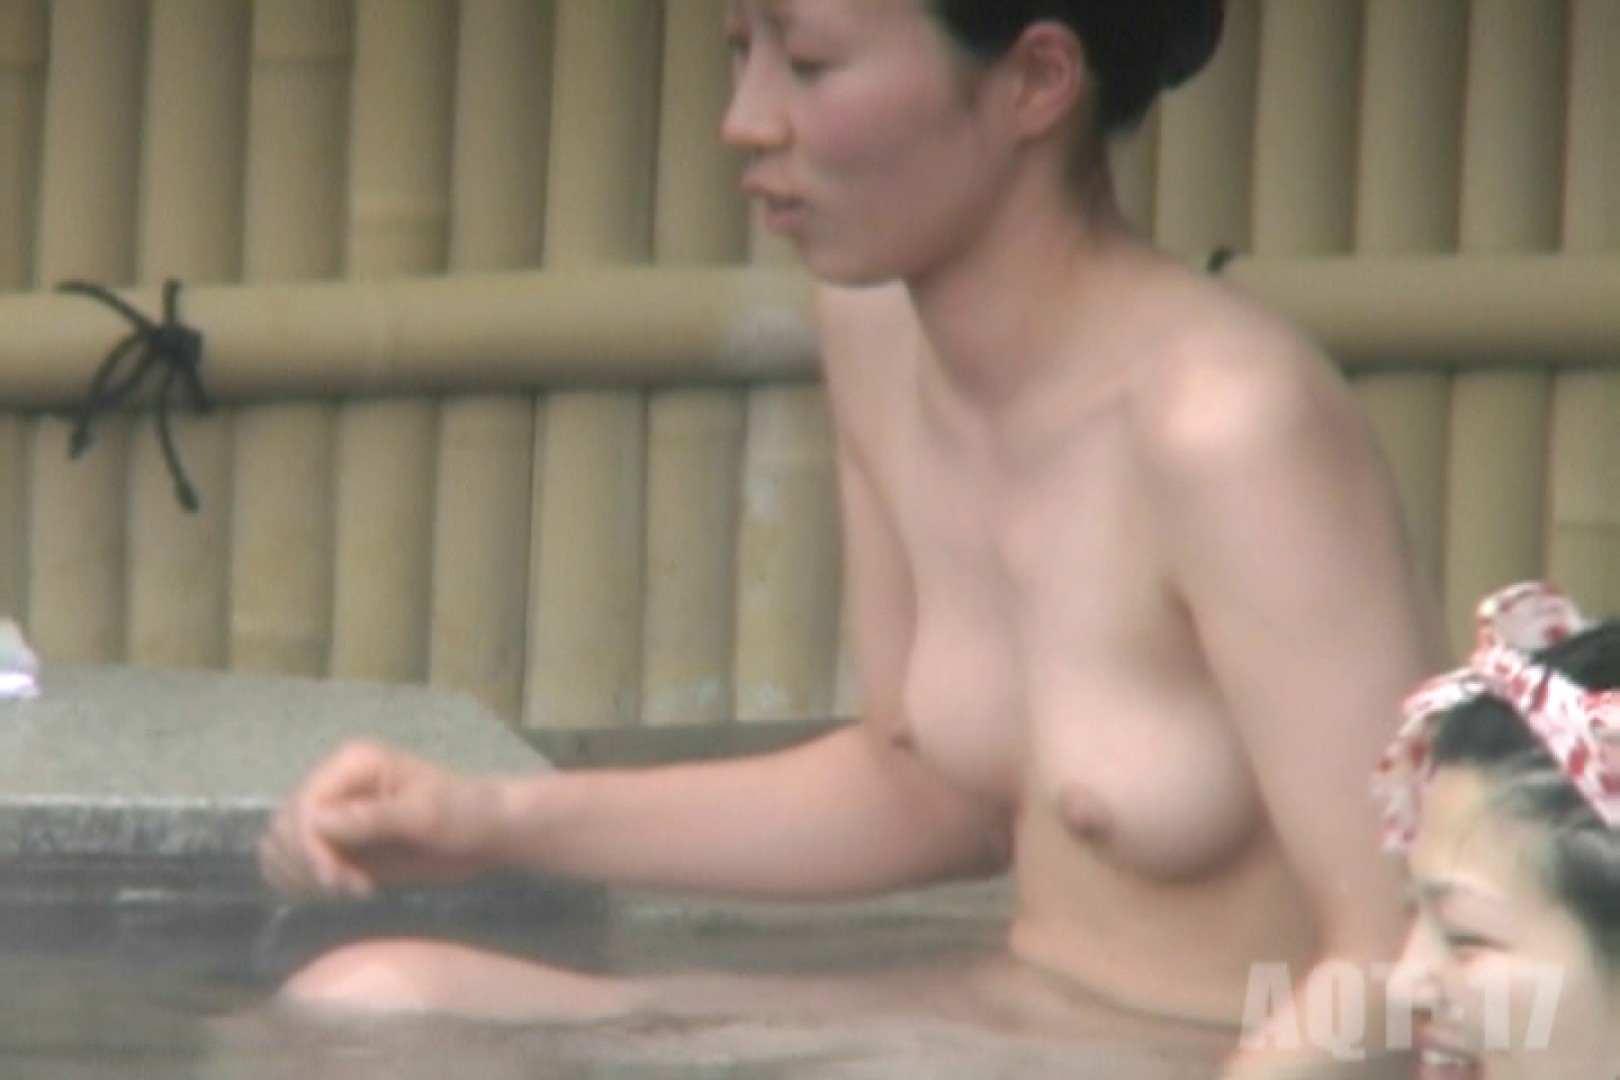 Aquaな露天風呂Vol.849 盗撮シリーズ  75PIX 18